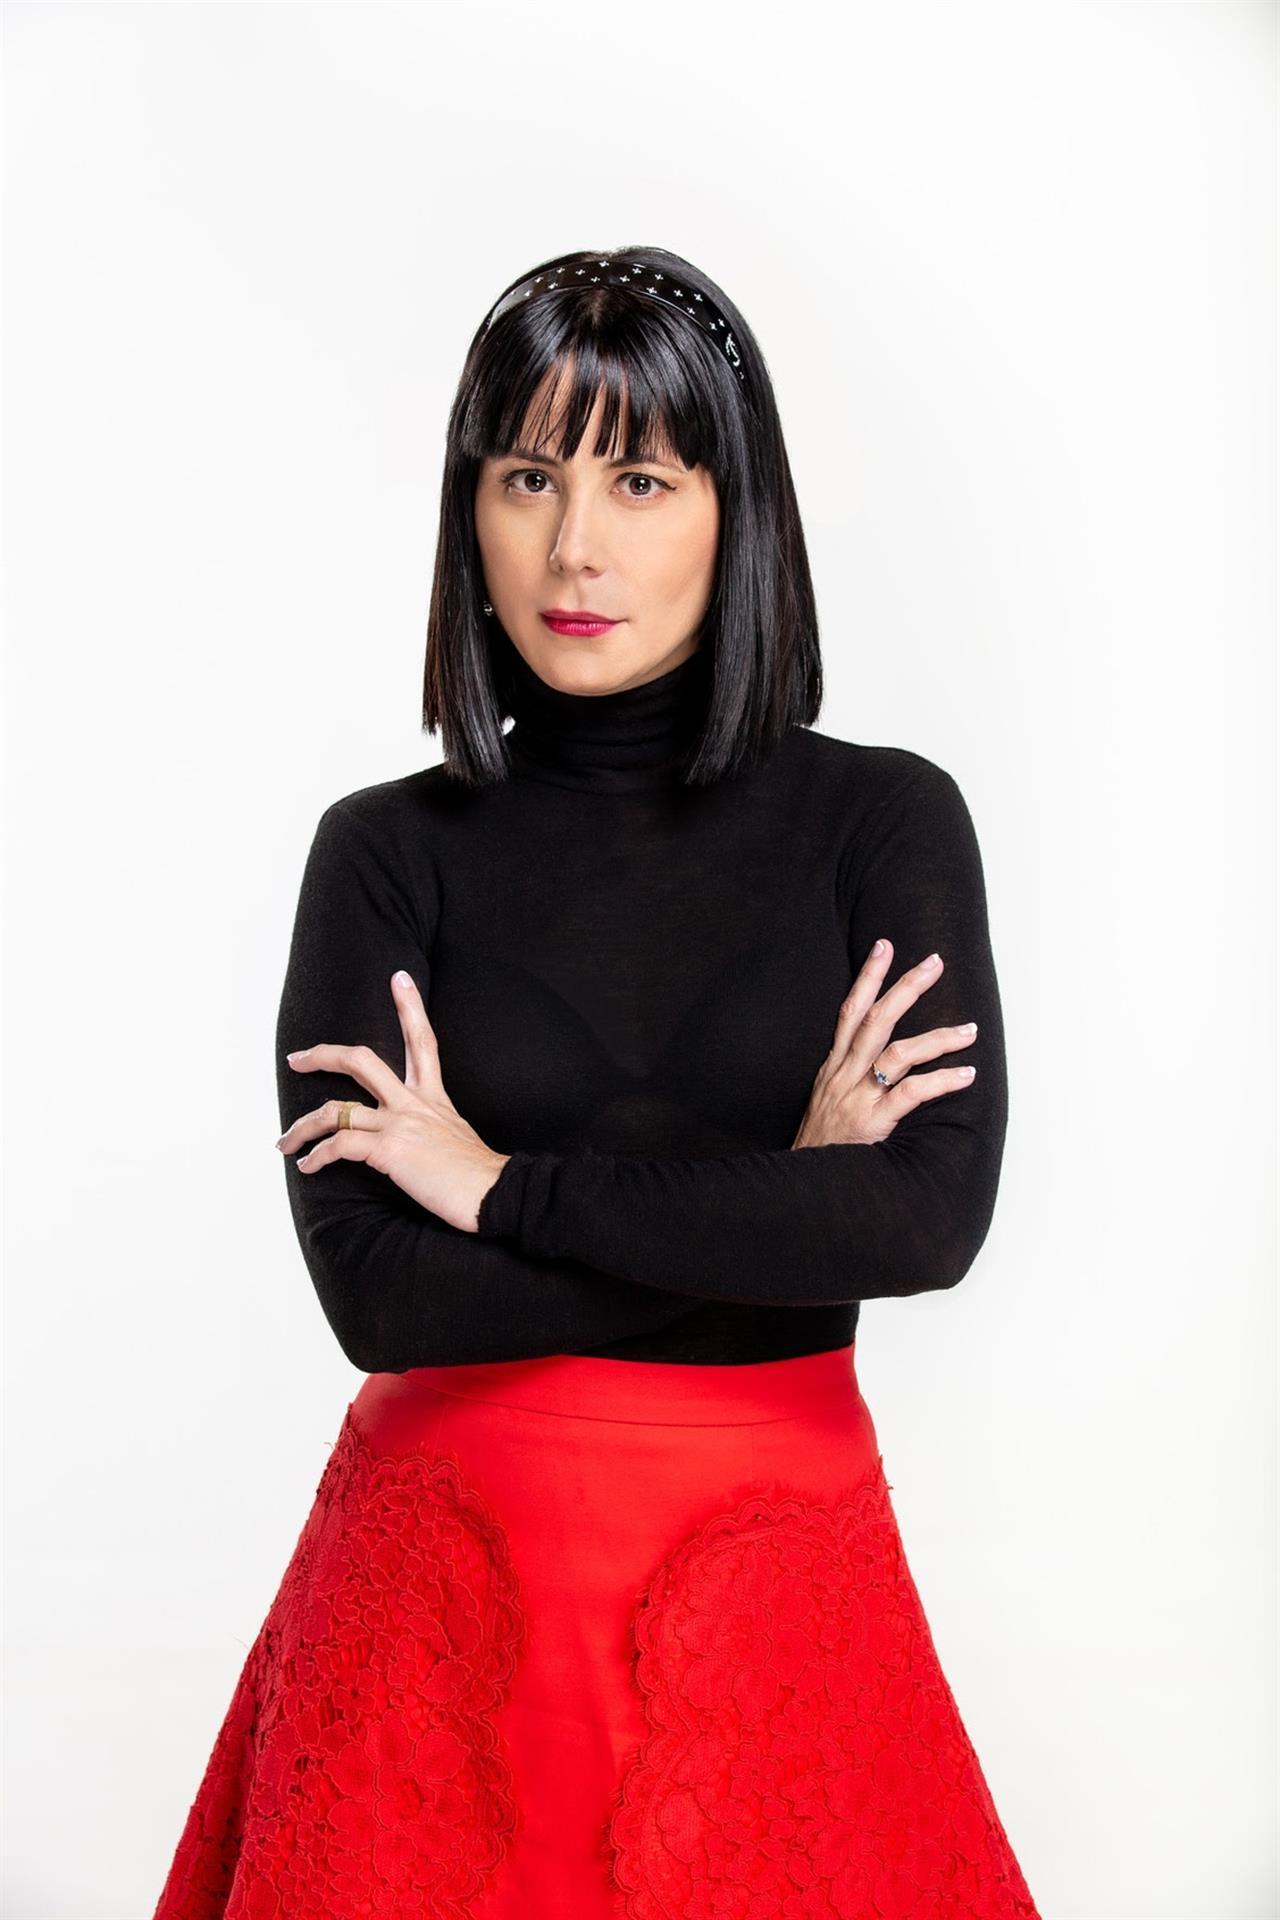 Fotografía cedida por CNN en Español donde aparece la escritora y poeta cubana Wendy Guerra. Foto: EFE/CNN en Español.